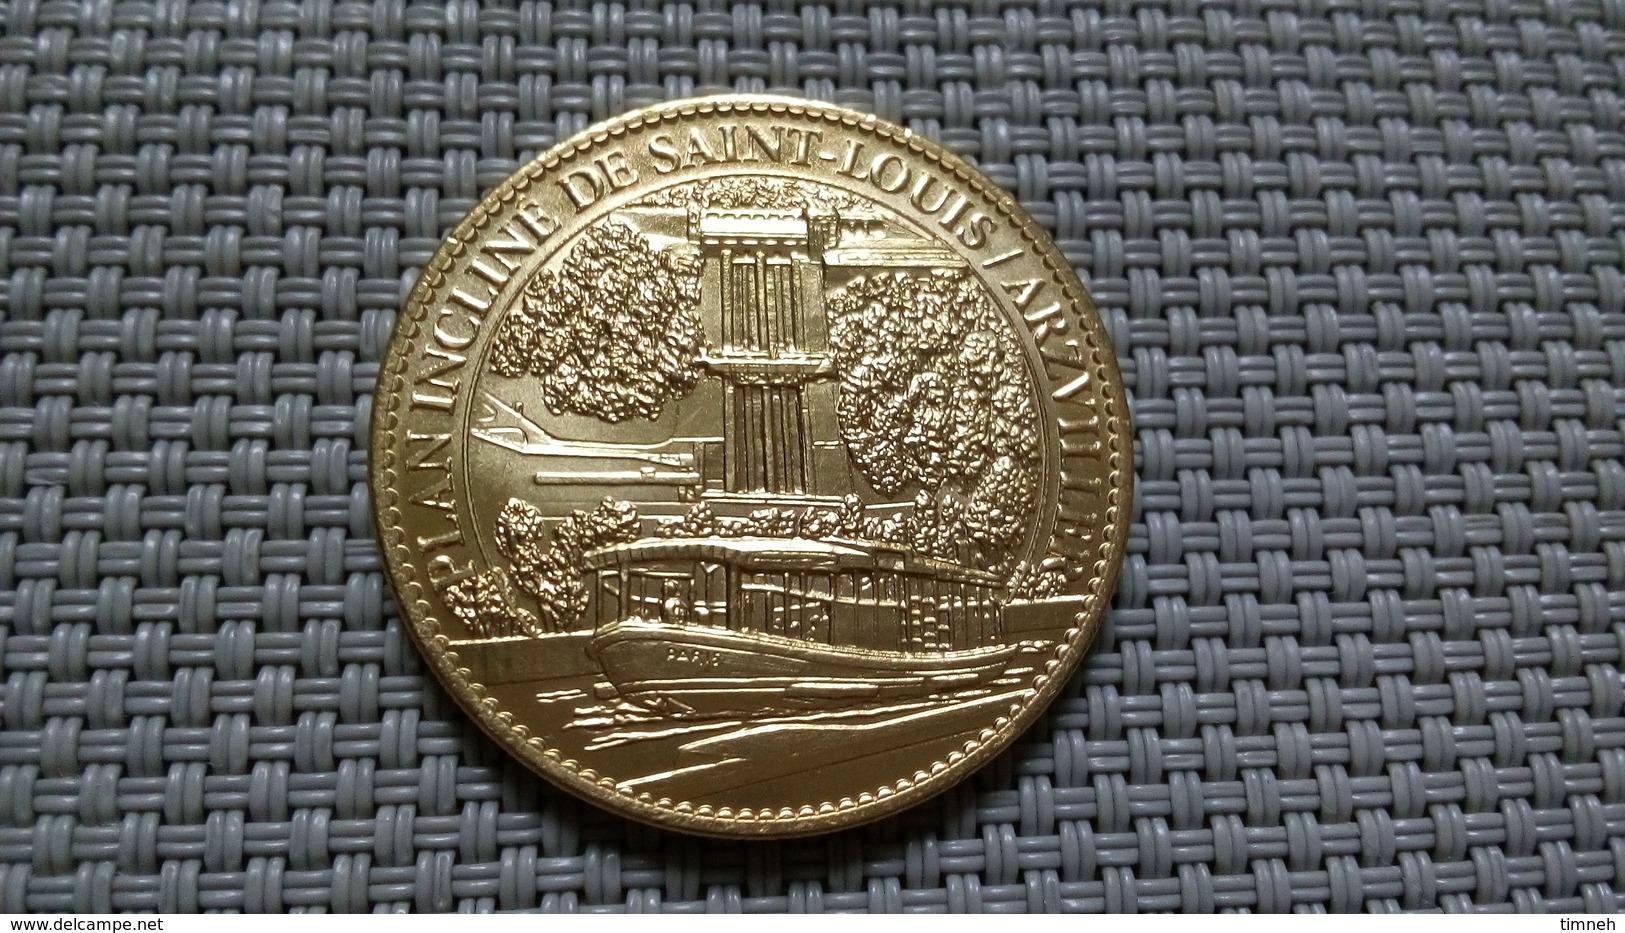 Médaille Touristique Métal Doré - Plan Incliné Saint-Louis Artzviller 2012 TRESORS DE FRANCE ARTHUS BERTRAND 3.2cm - 15g - Touristiques